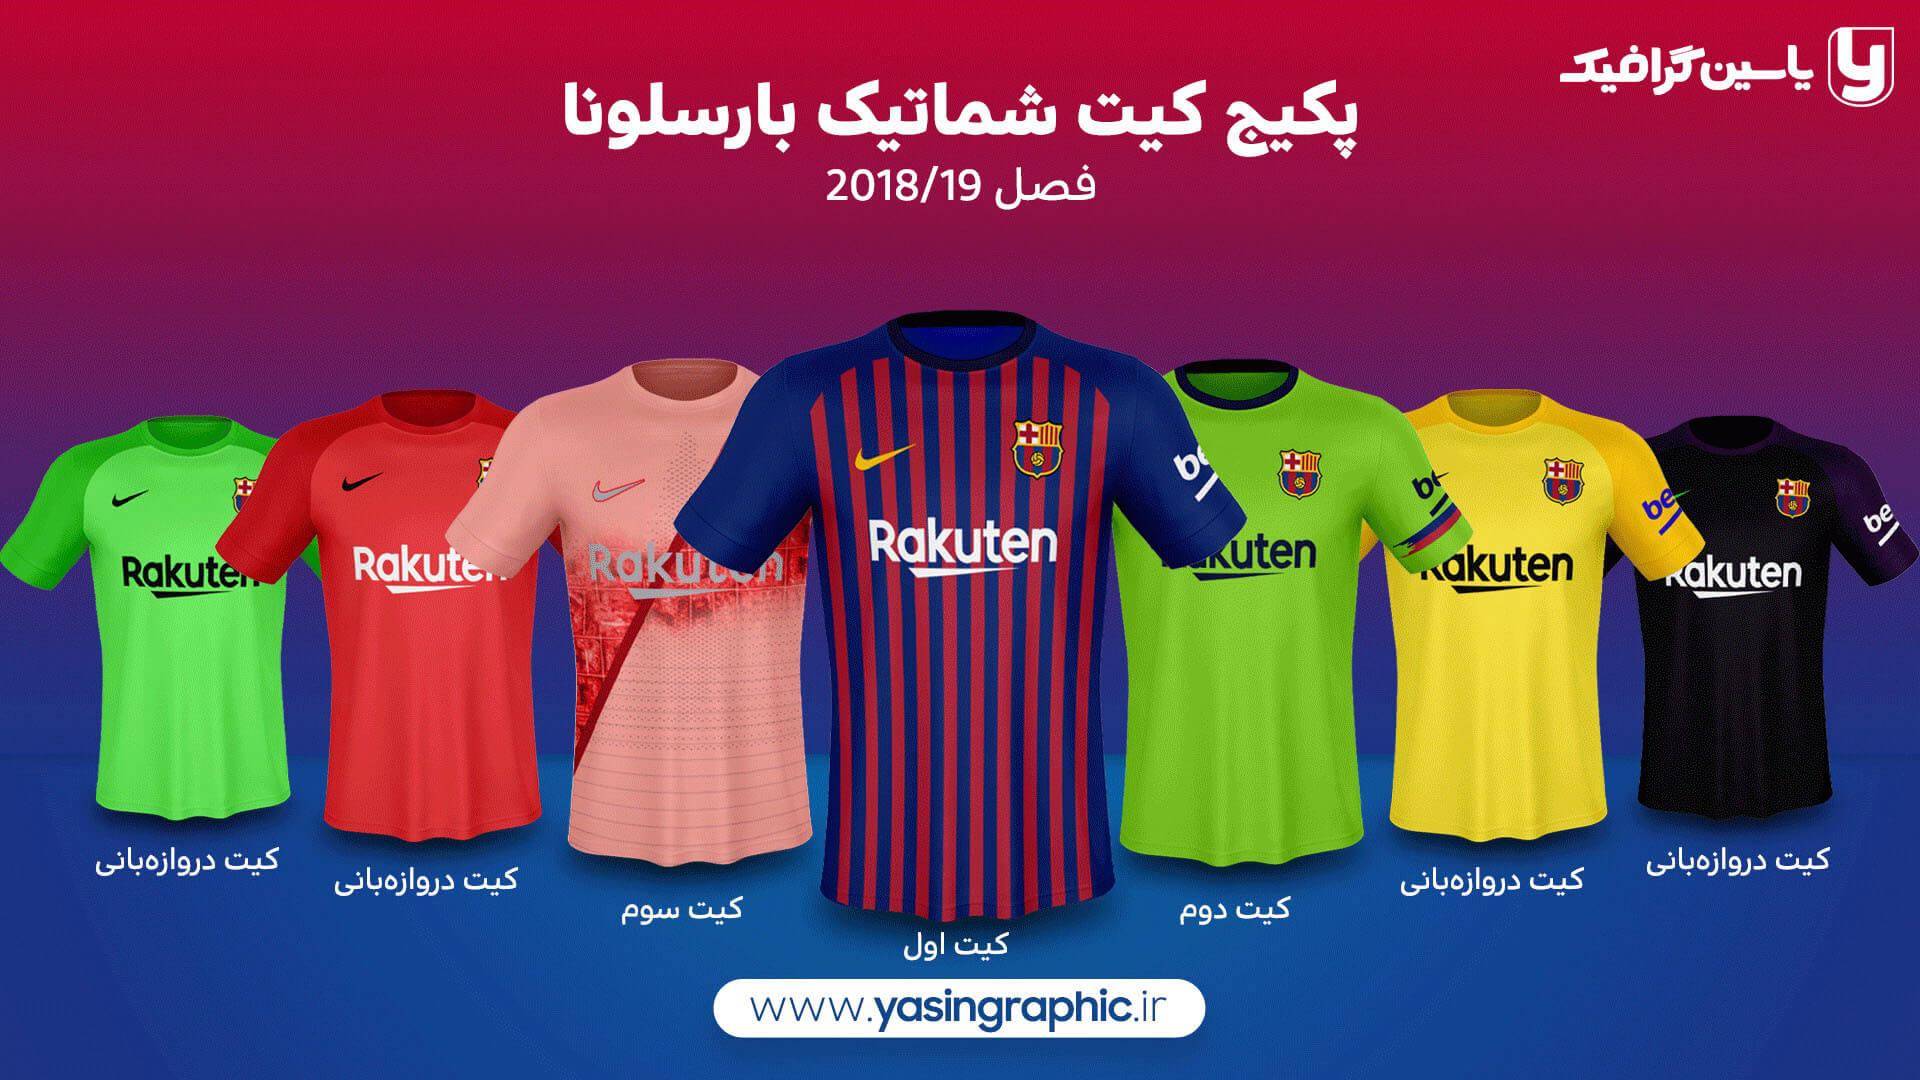 پکیج کیت شماتیک بارسلونا فصل 2018/19